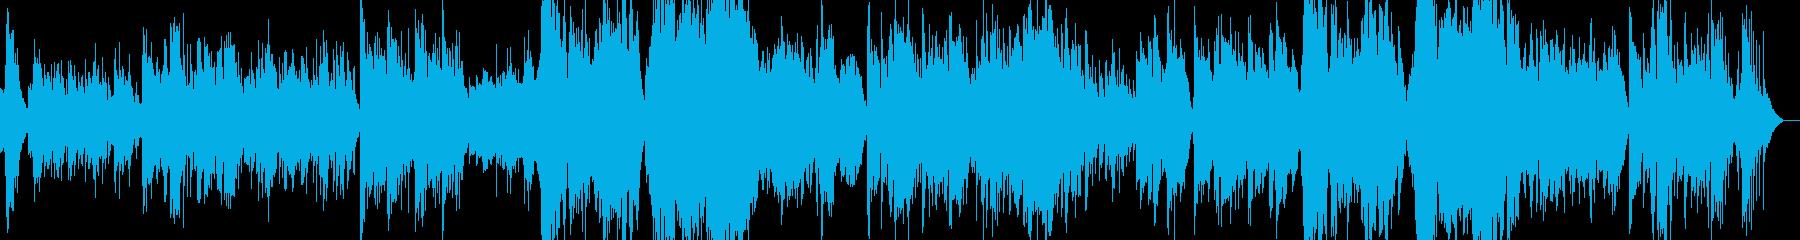 琴、琵琶、二胡のオリエンタルな音楽の再生済みの波形